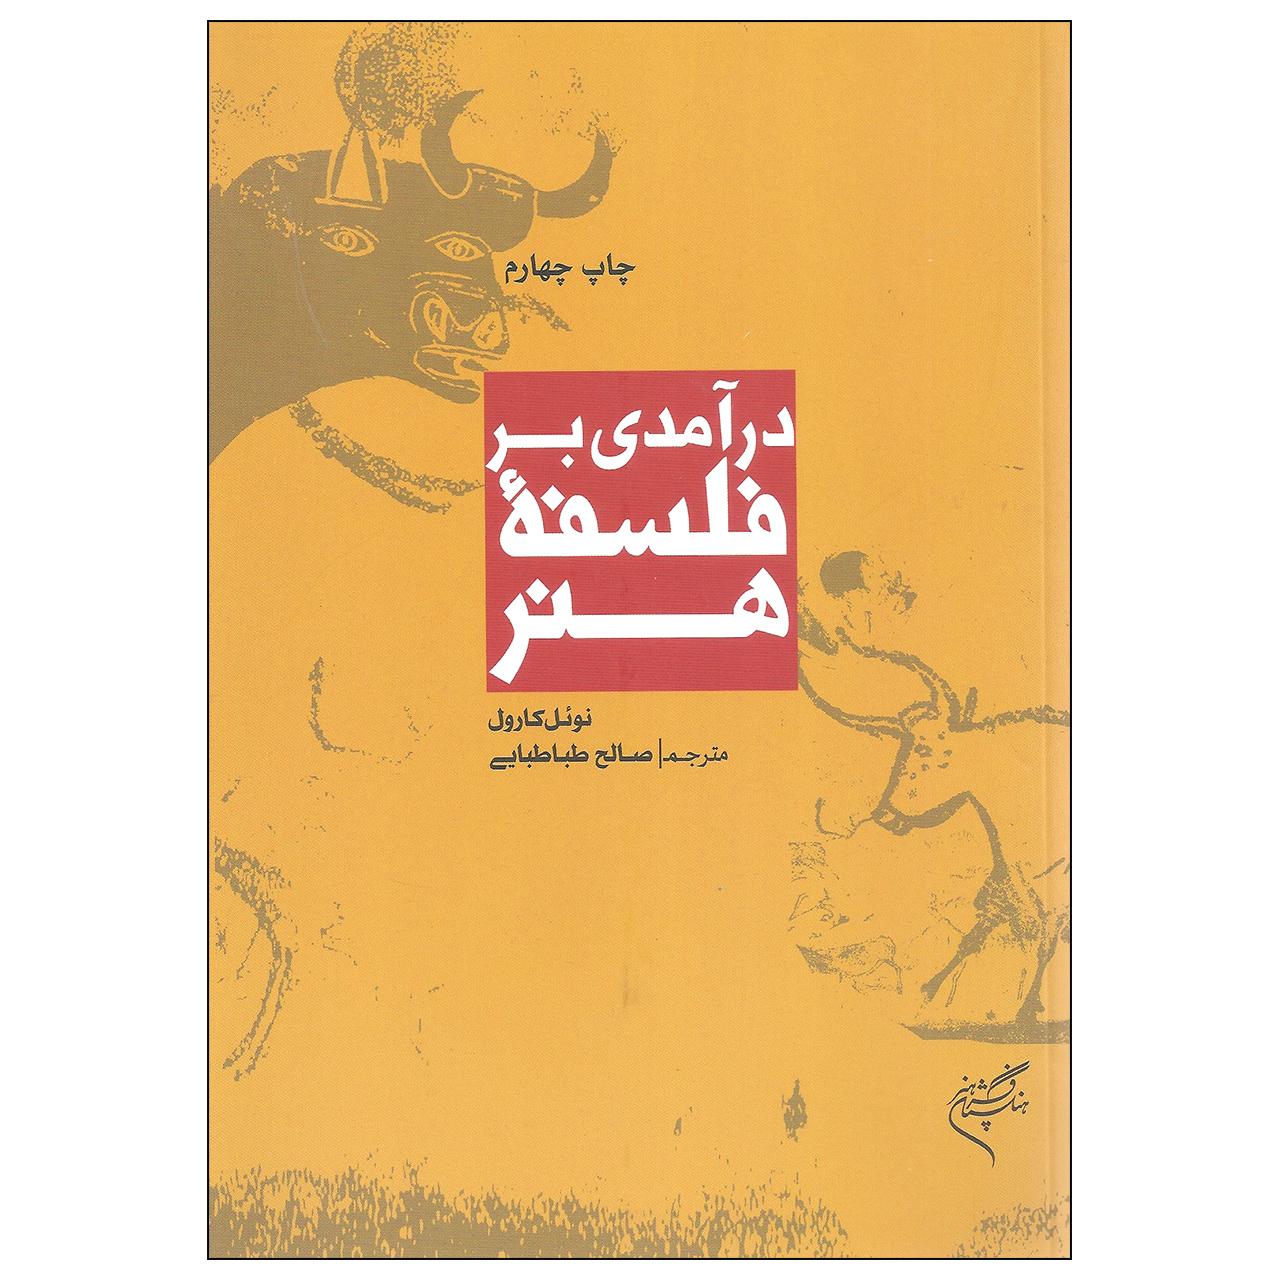 کتاب درآمدی بر فلسفه هنر اثر نوئل کارول نشر فرهنگستان هنر